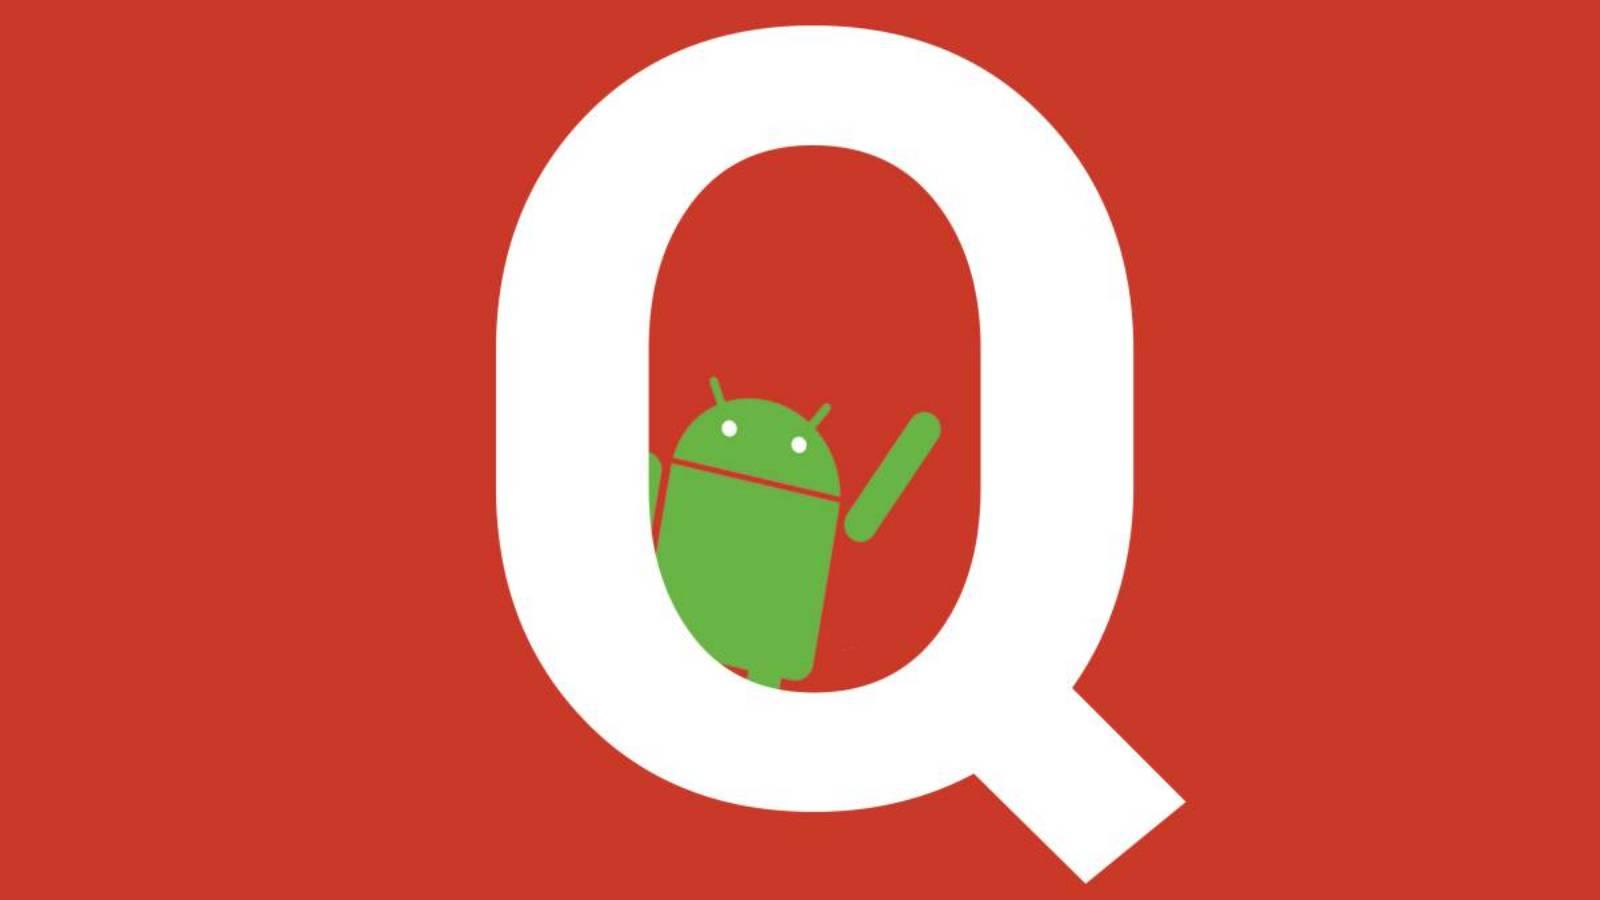 Android 10 gesturi